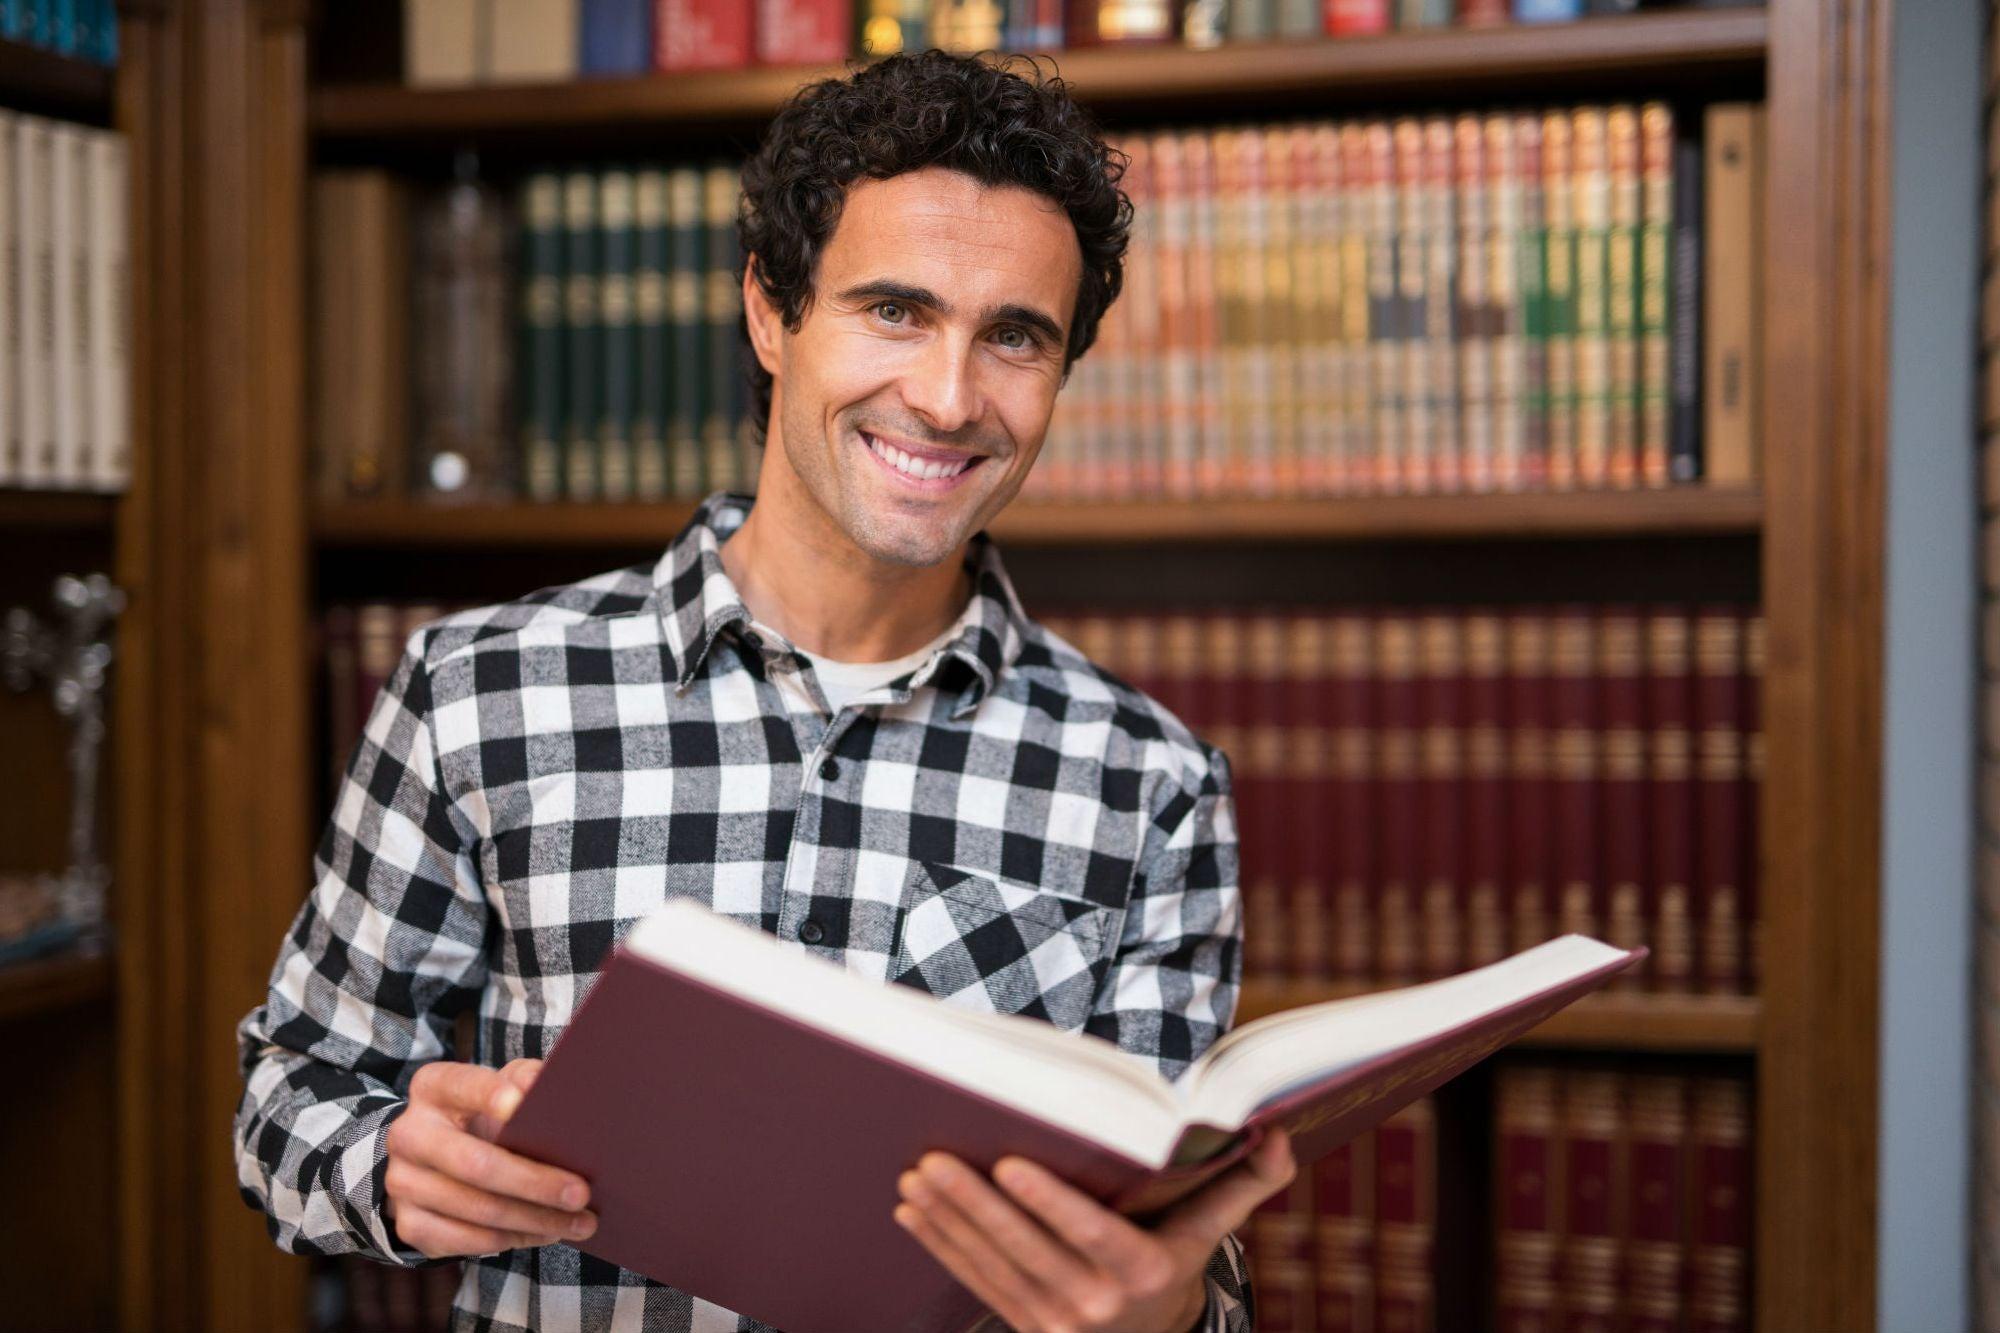 ¿No puedes pagar una maestría? Lee estos 6 libros para educarte a ti mismo